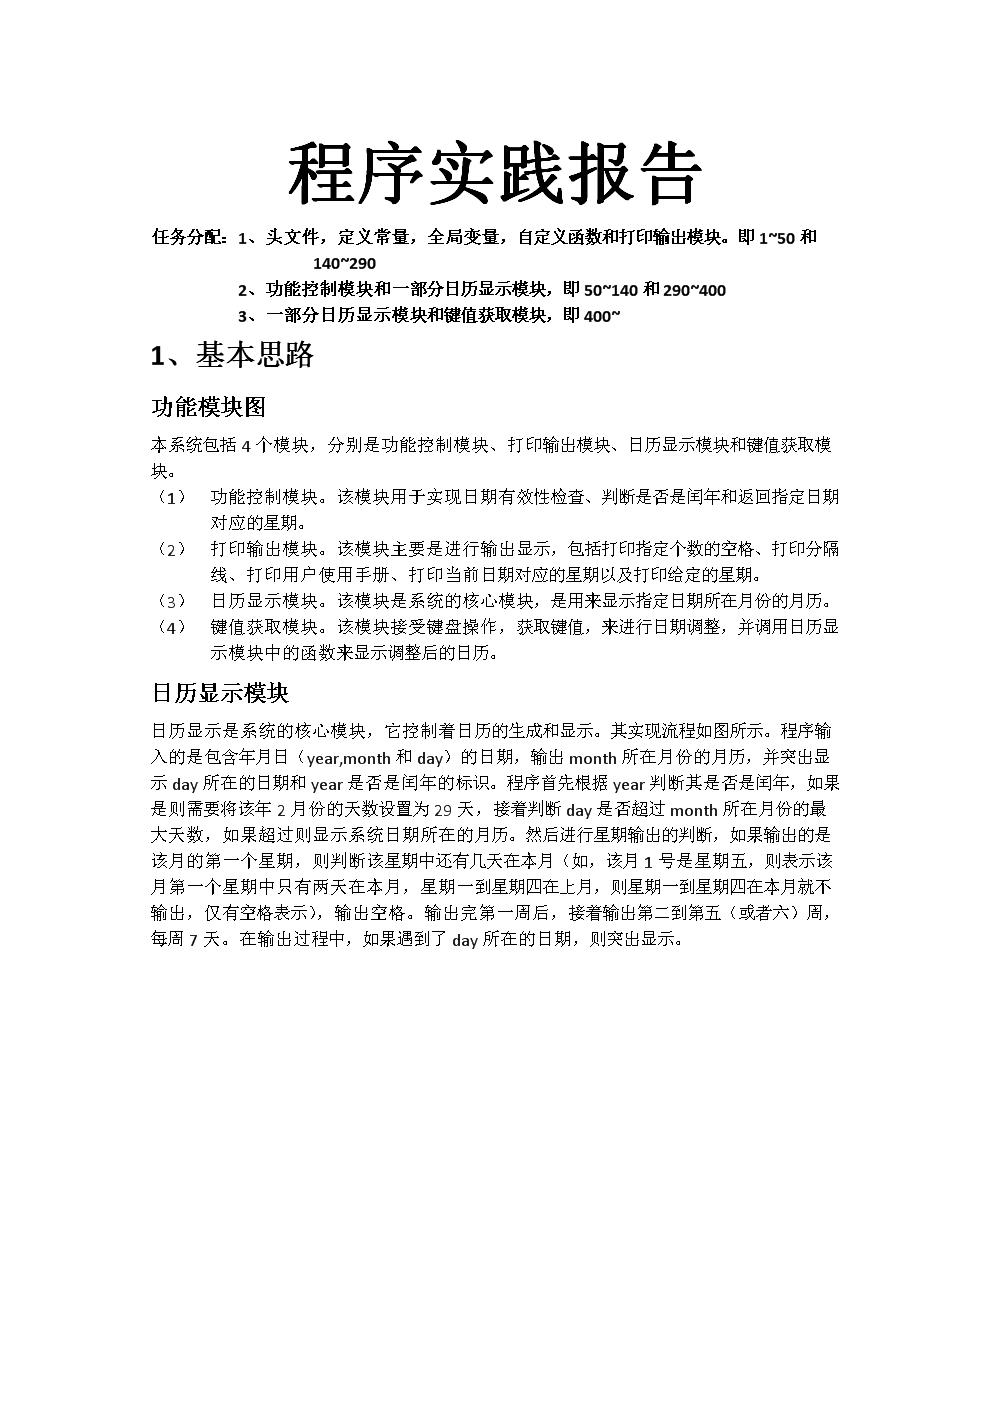 万年历c语言课程设计报告.doc图片